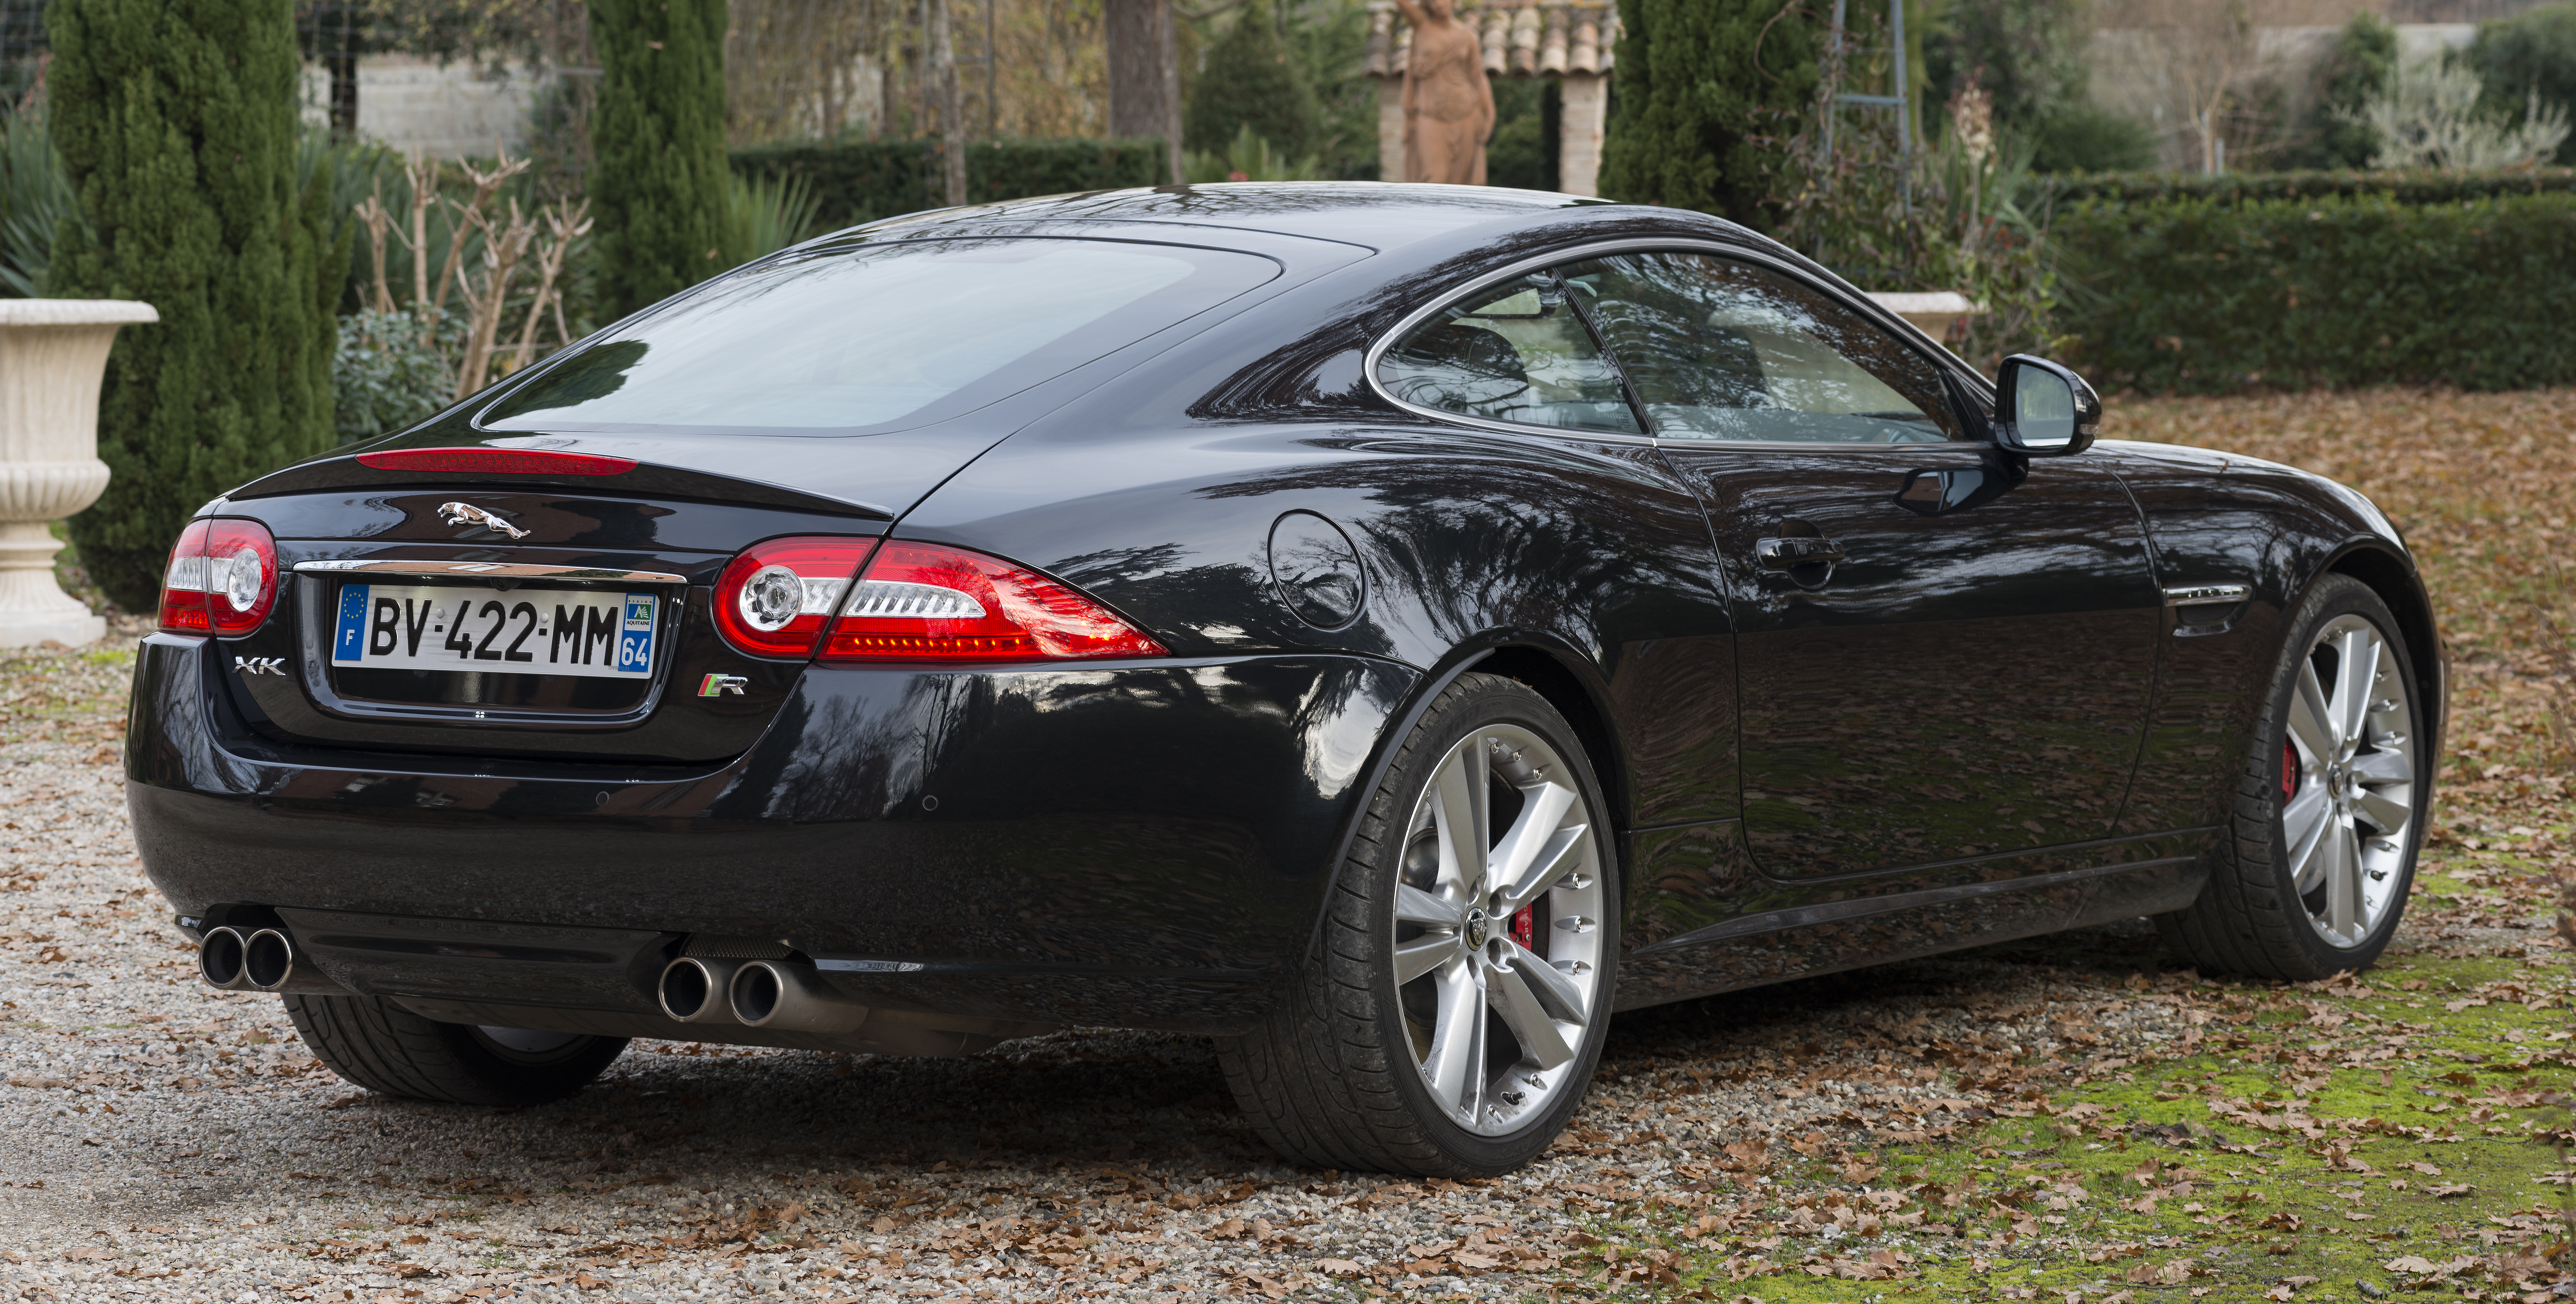 Annonces Jaguar Xk d' occasion mises en vente par des concessionnaires et